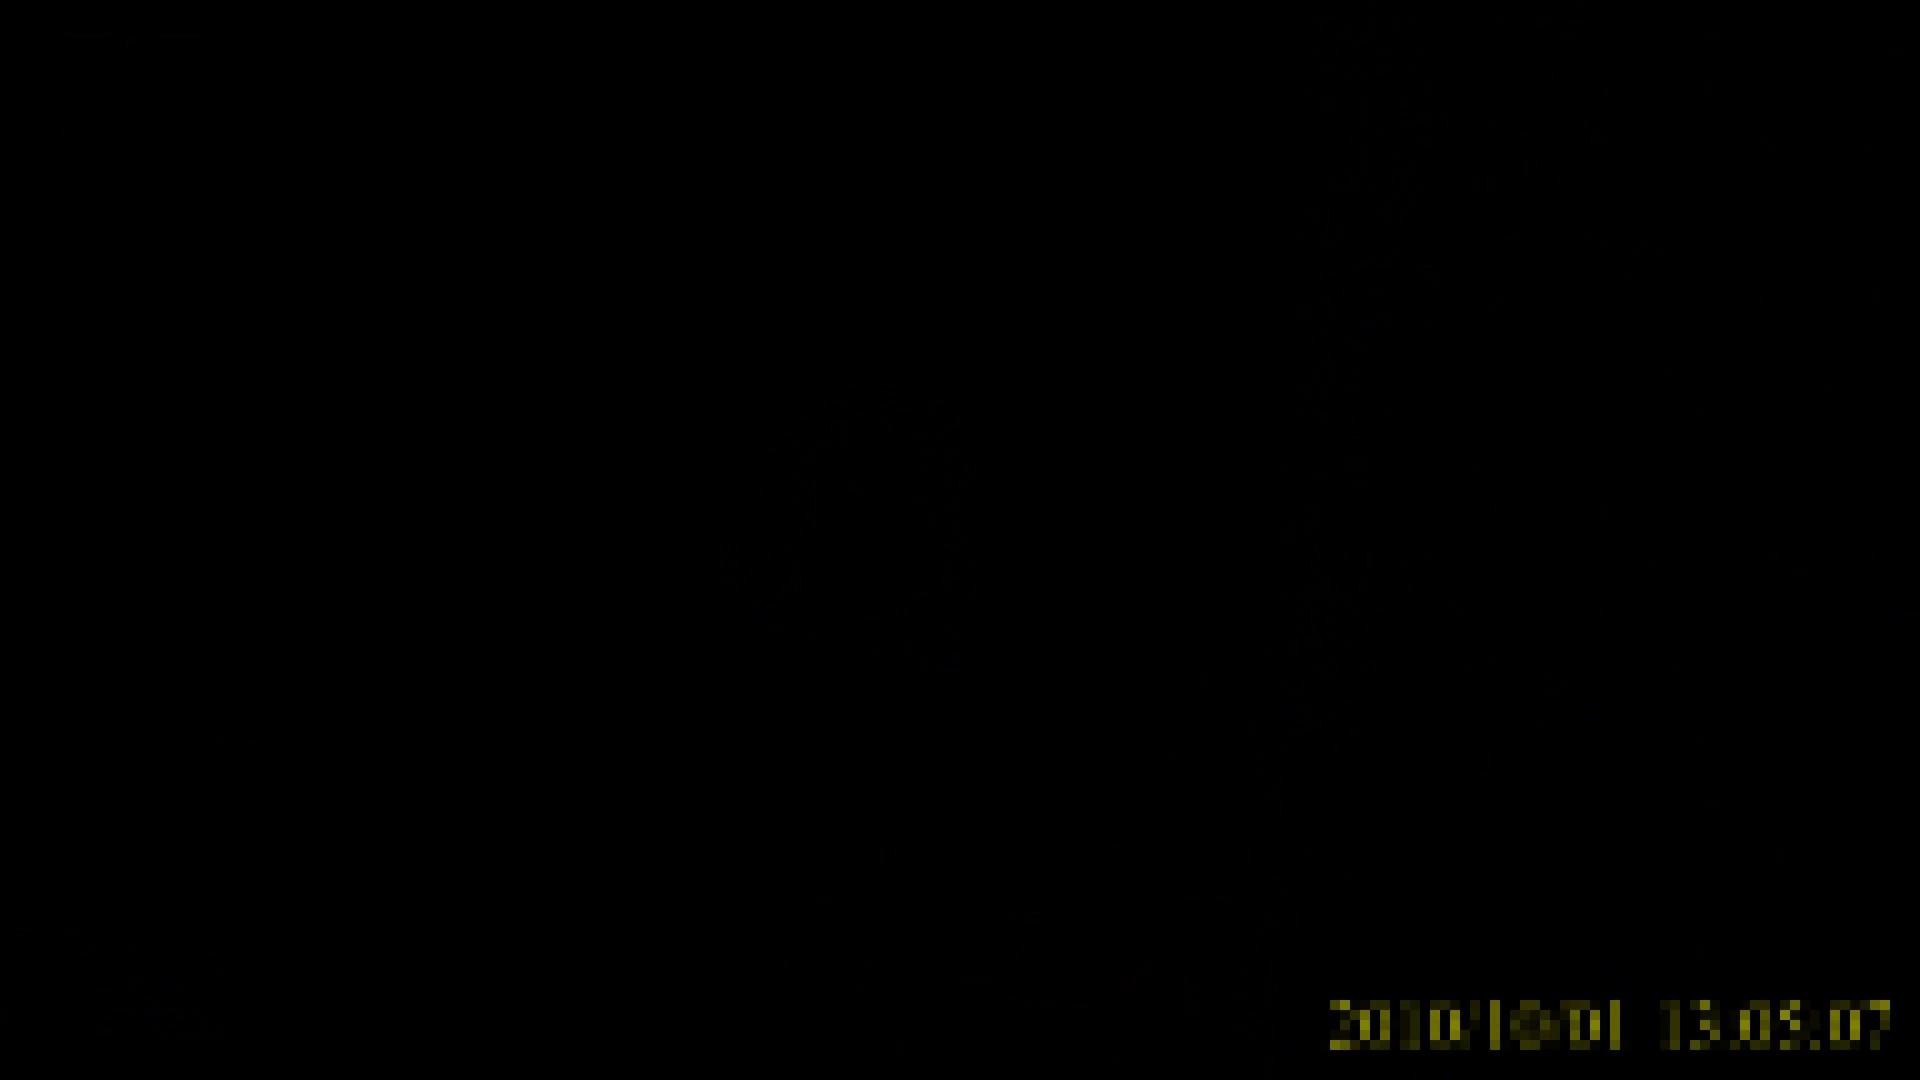 【未公開】vol.96 {茶髪→黒髪ギャル}美巨乳アミちゃん③【前編】 トイレ中   ホテル  96連発 25